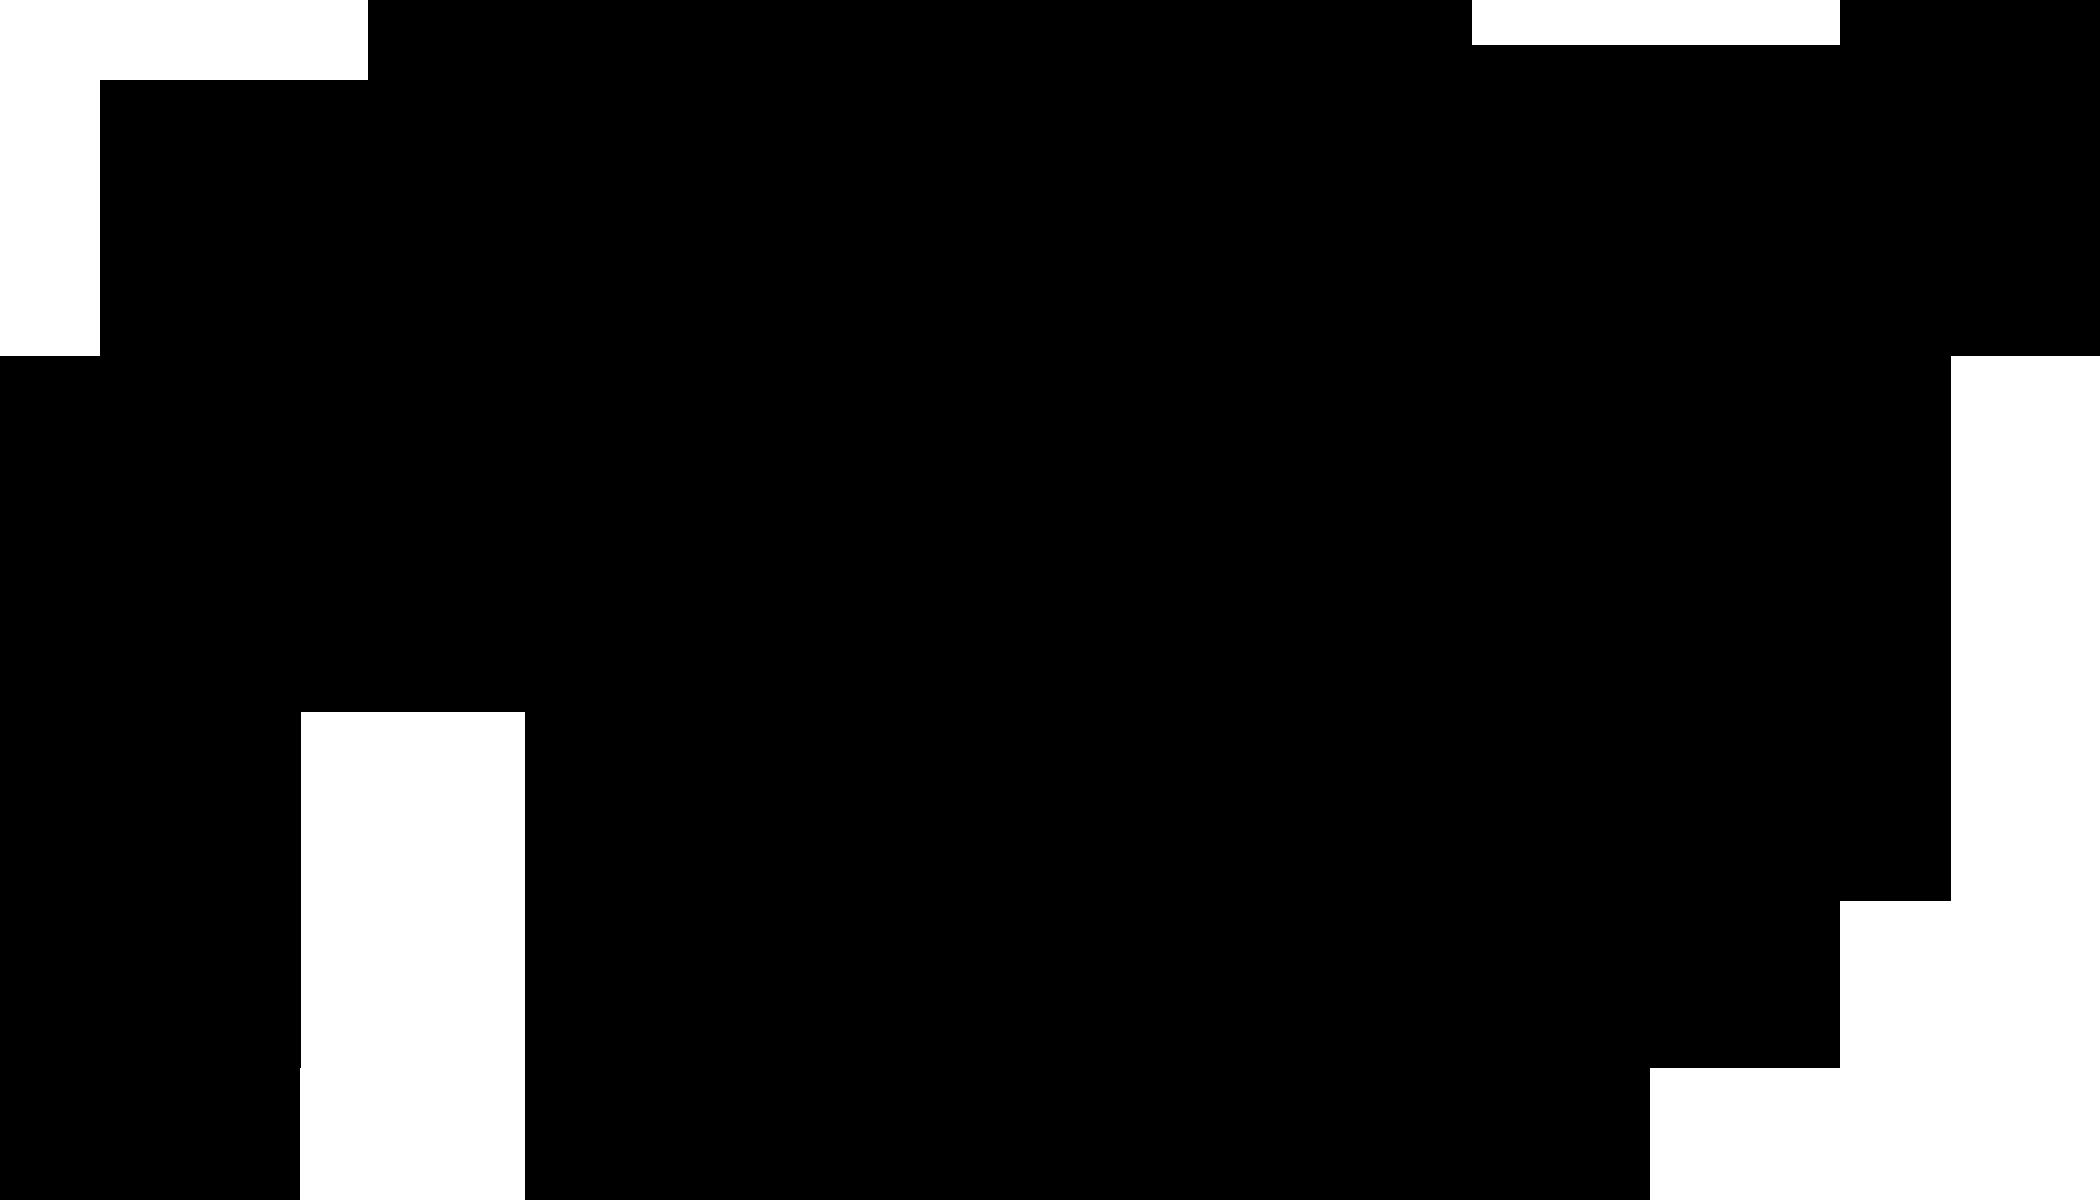 Logotyp magazynu Mały Format